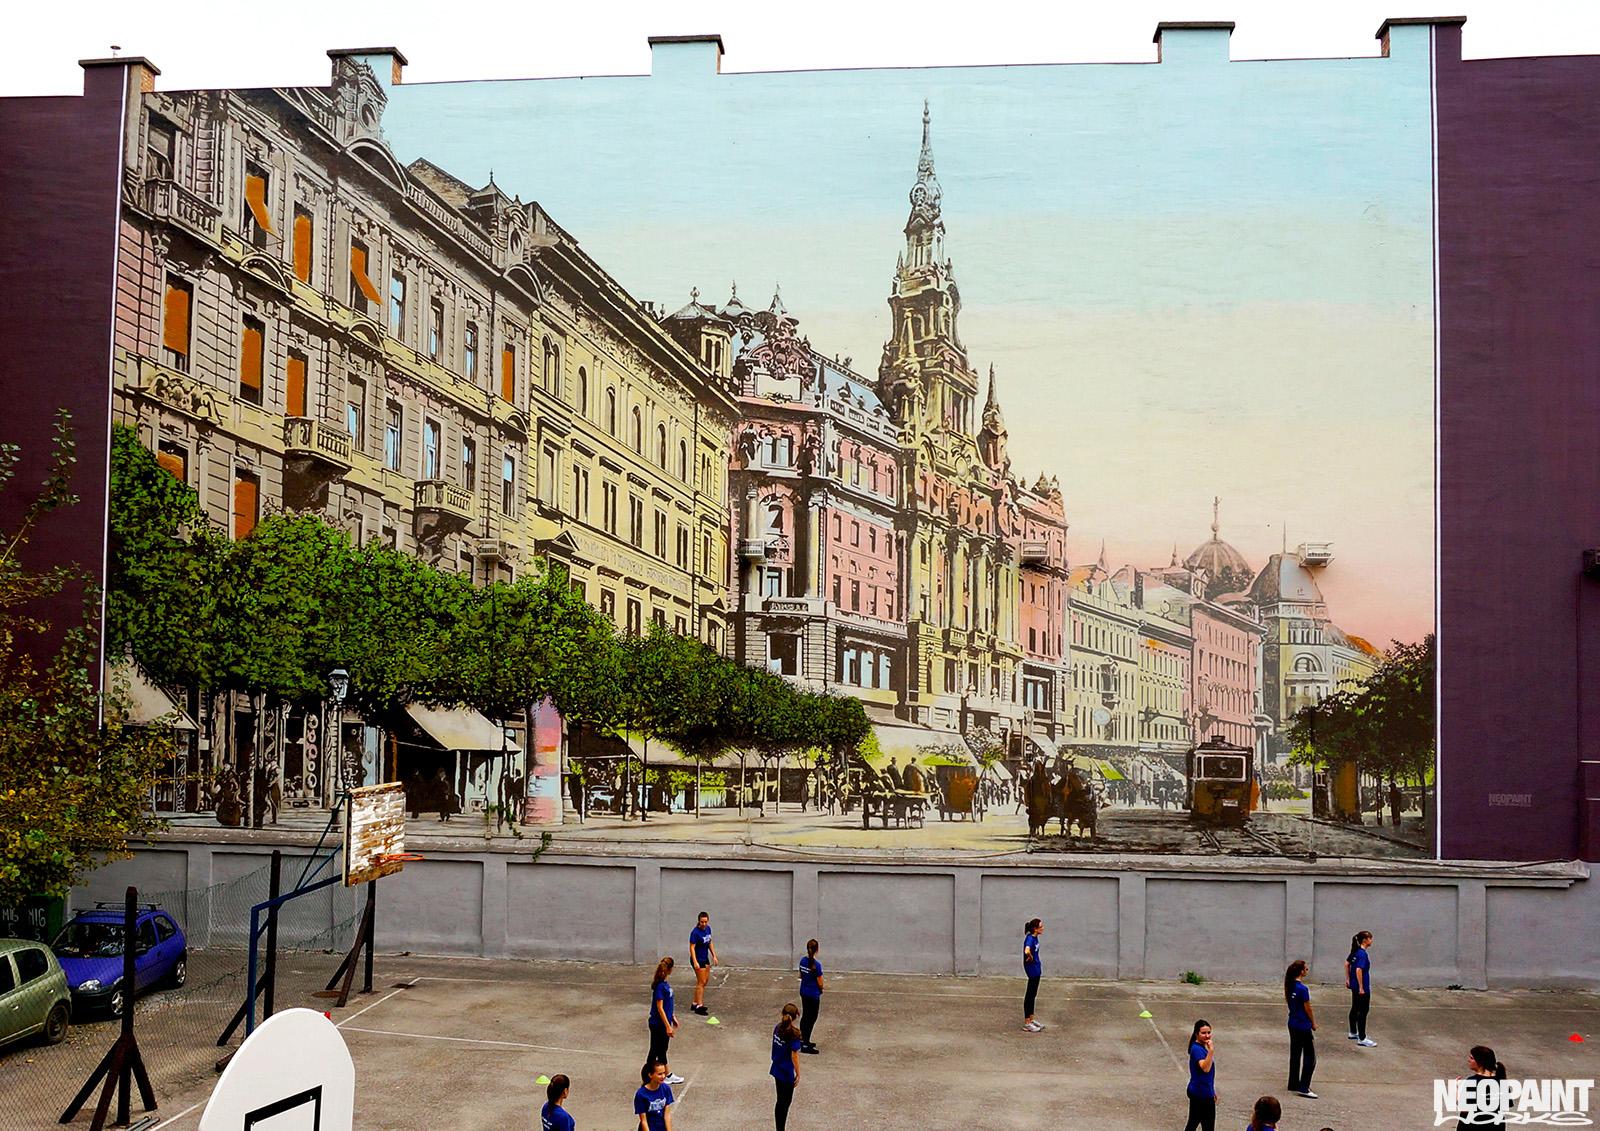 neopaint works - nagy méretű tűzfal dekorációs festés